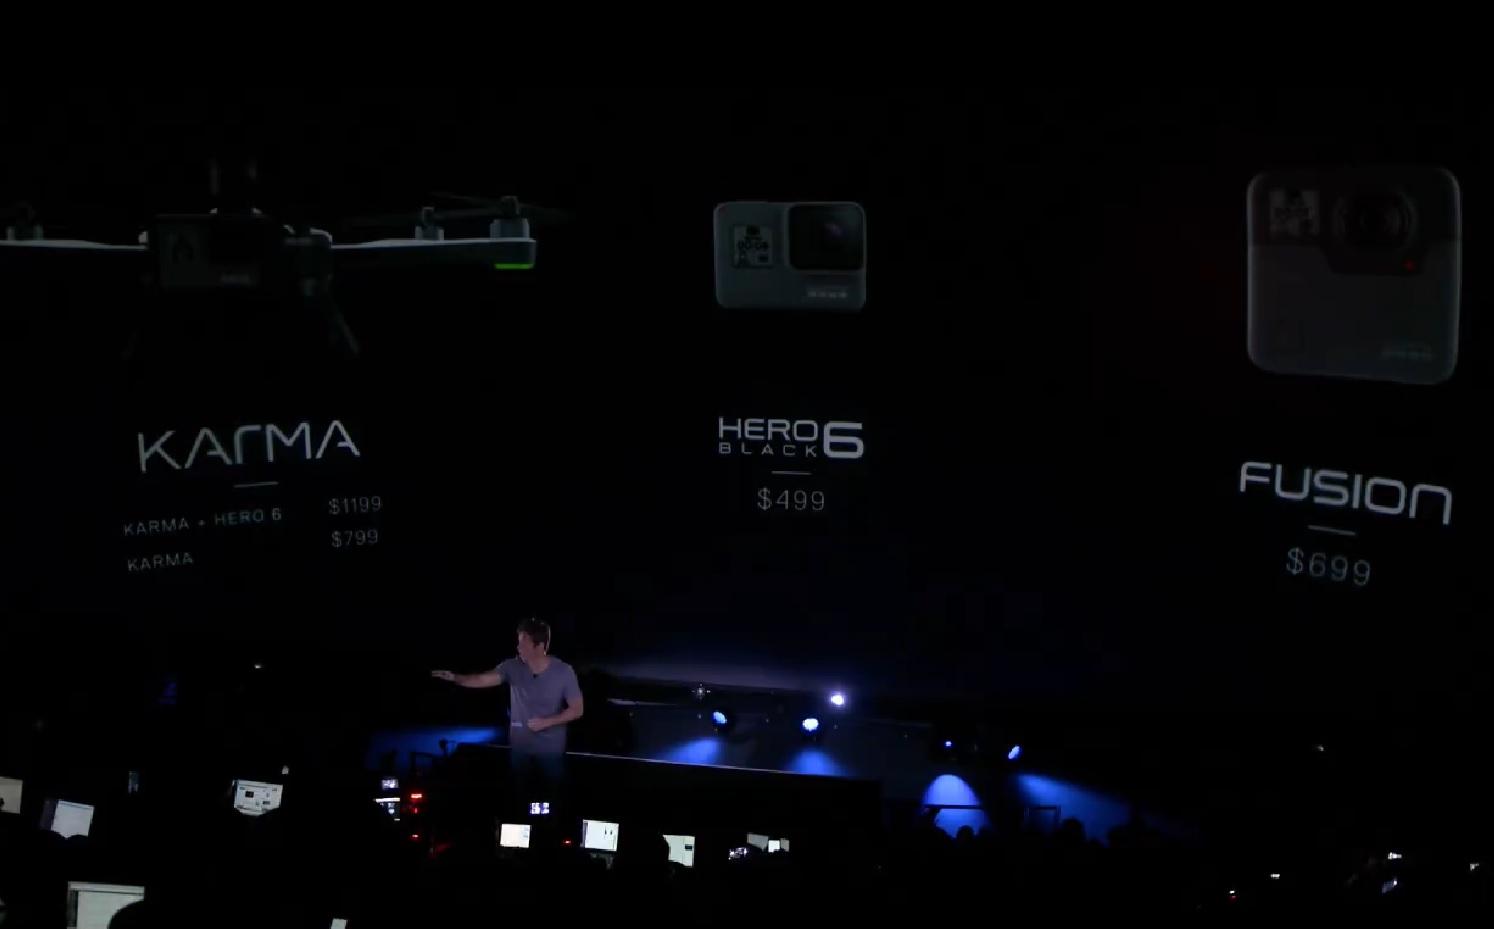 To nye produkter og en oppdatert pakke med GoPro 6 Black og Karma-dronen. Vi har ikke norske priser enda.